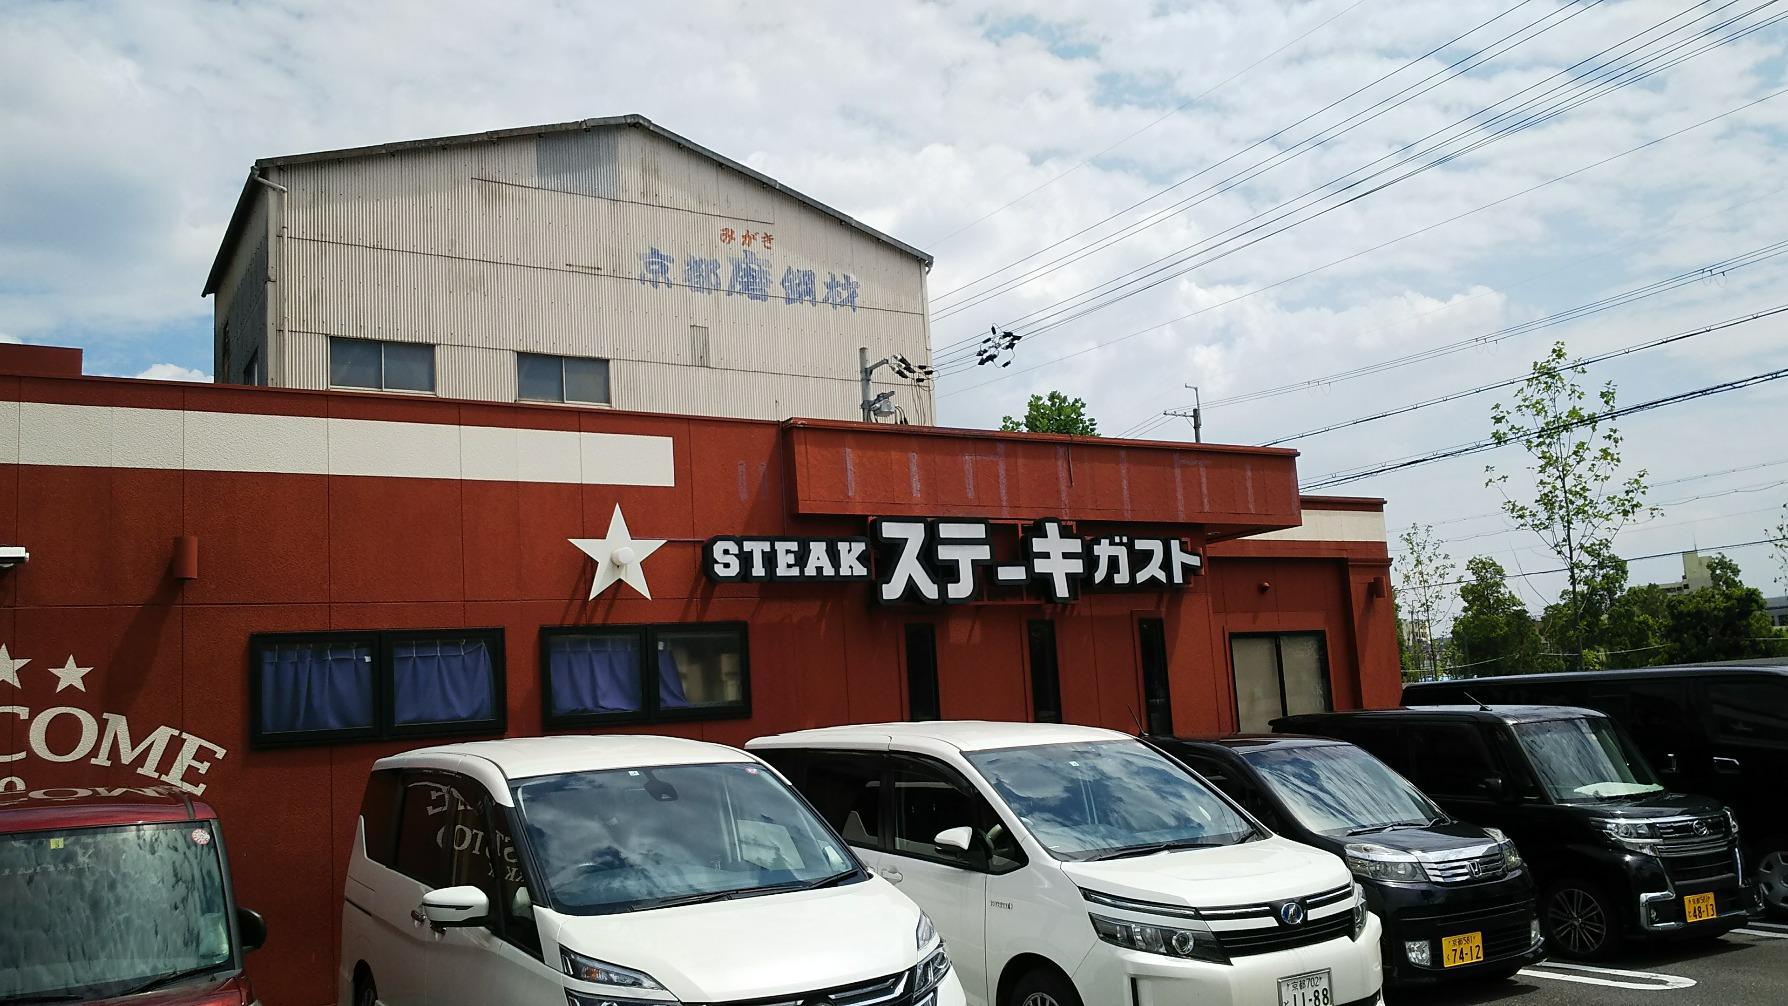 ステーキガスト京都十条通り店(京都市南区/ファミレス)